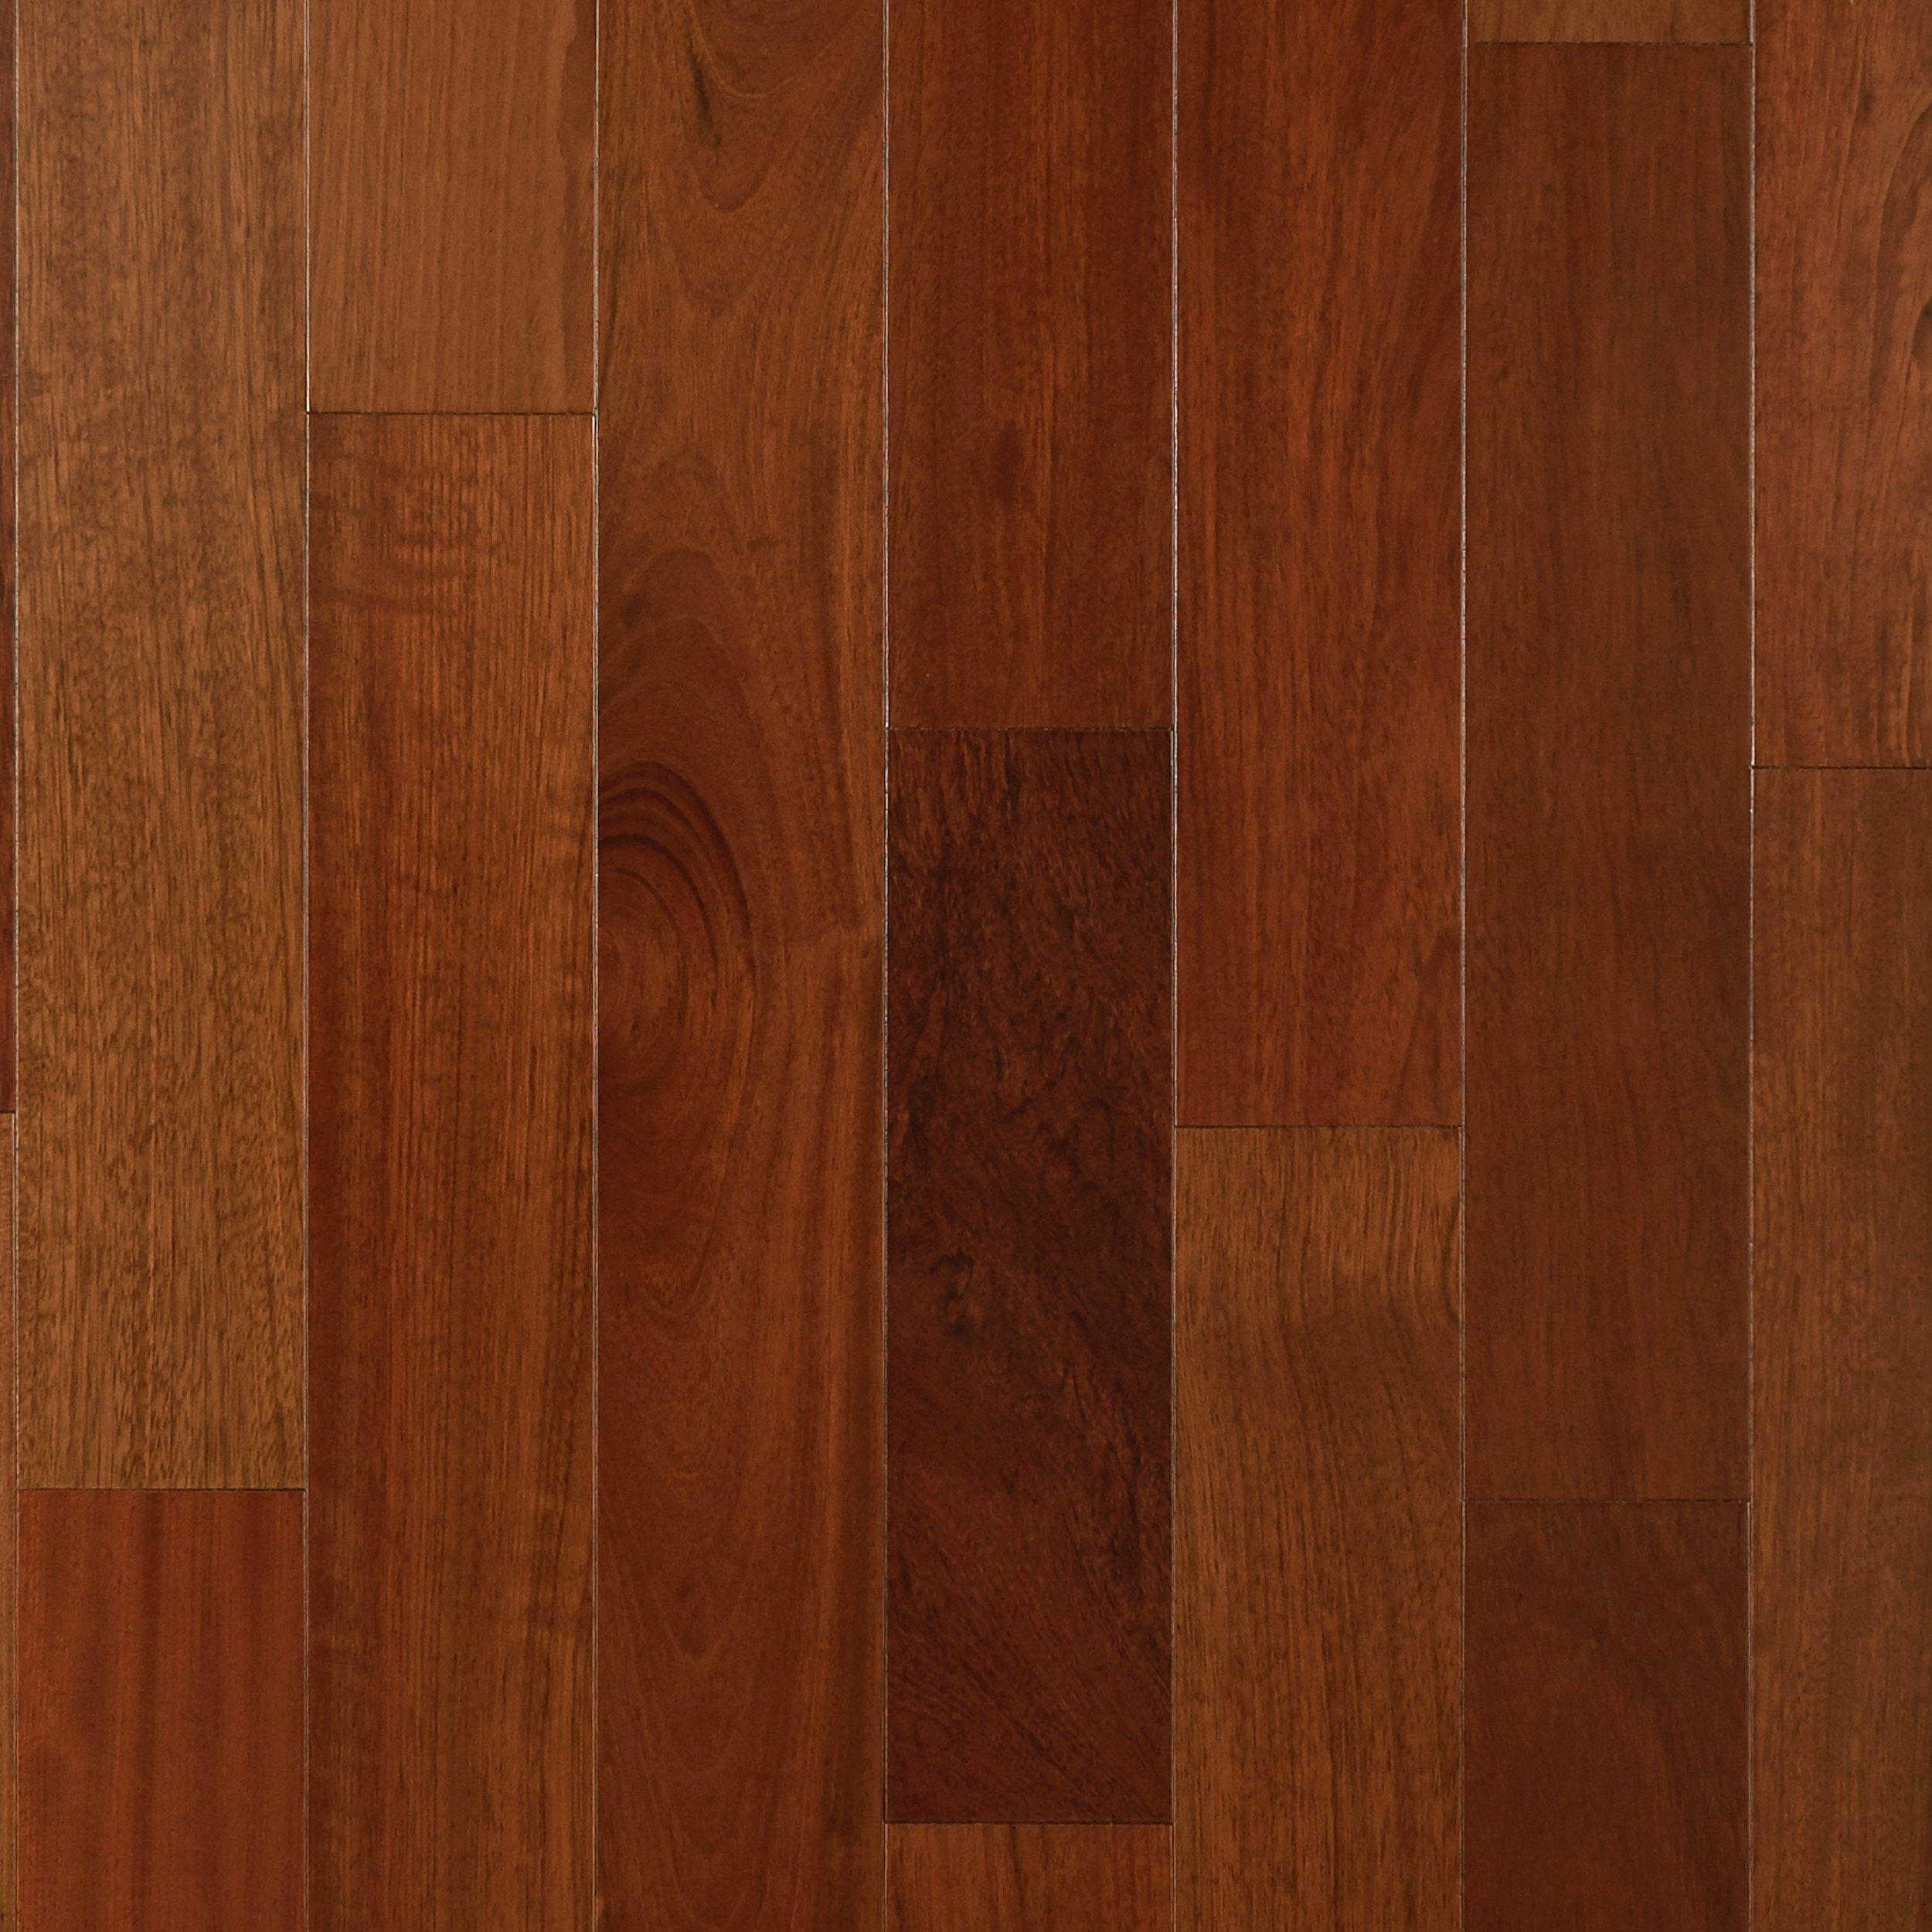 Alea Brazilian Cherry Smooth Engineered Hardwood